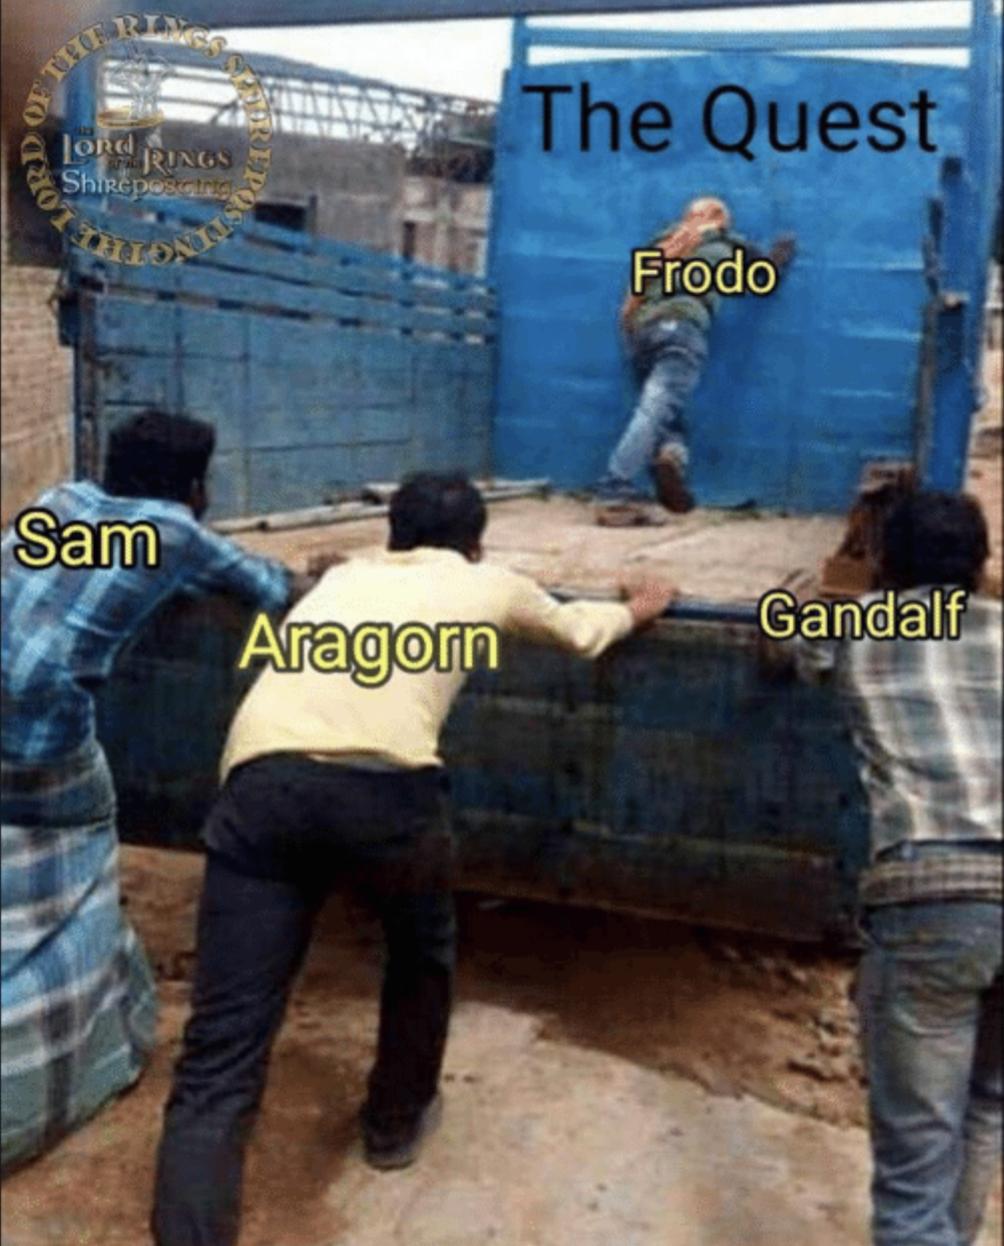 El Señor de los Anillos meme Frodo Gandalf